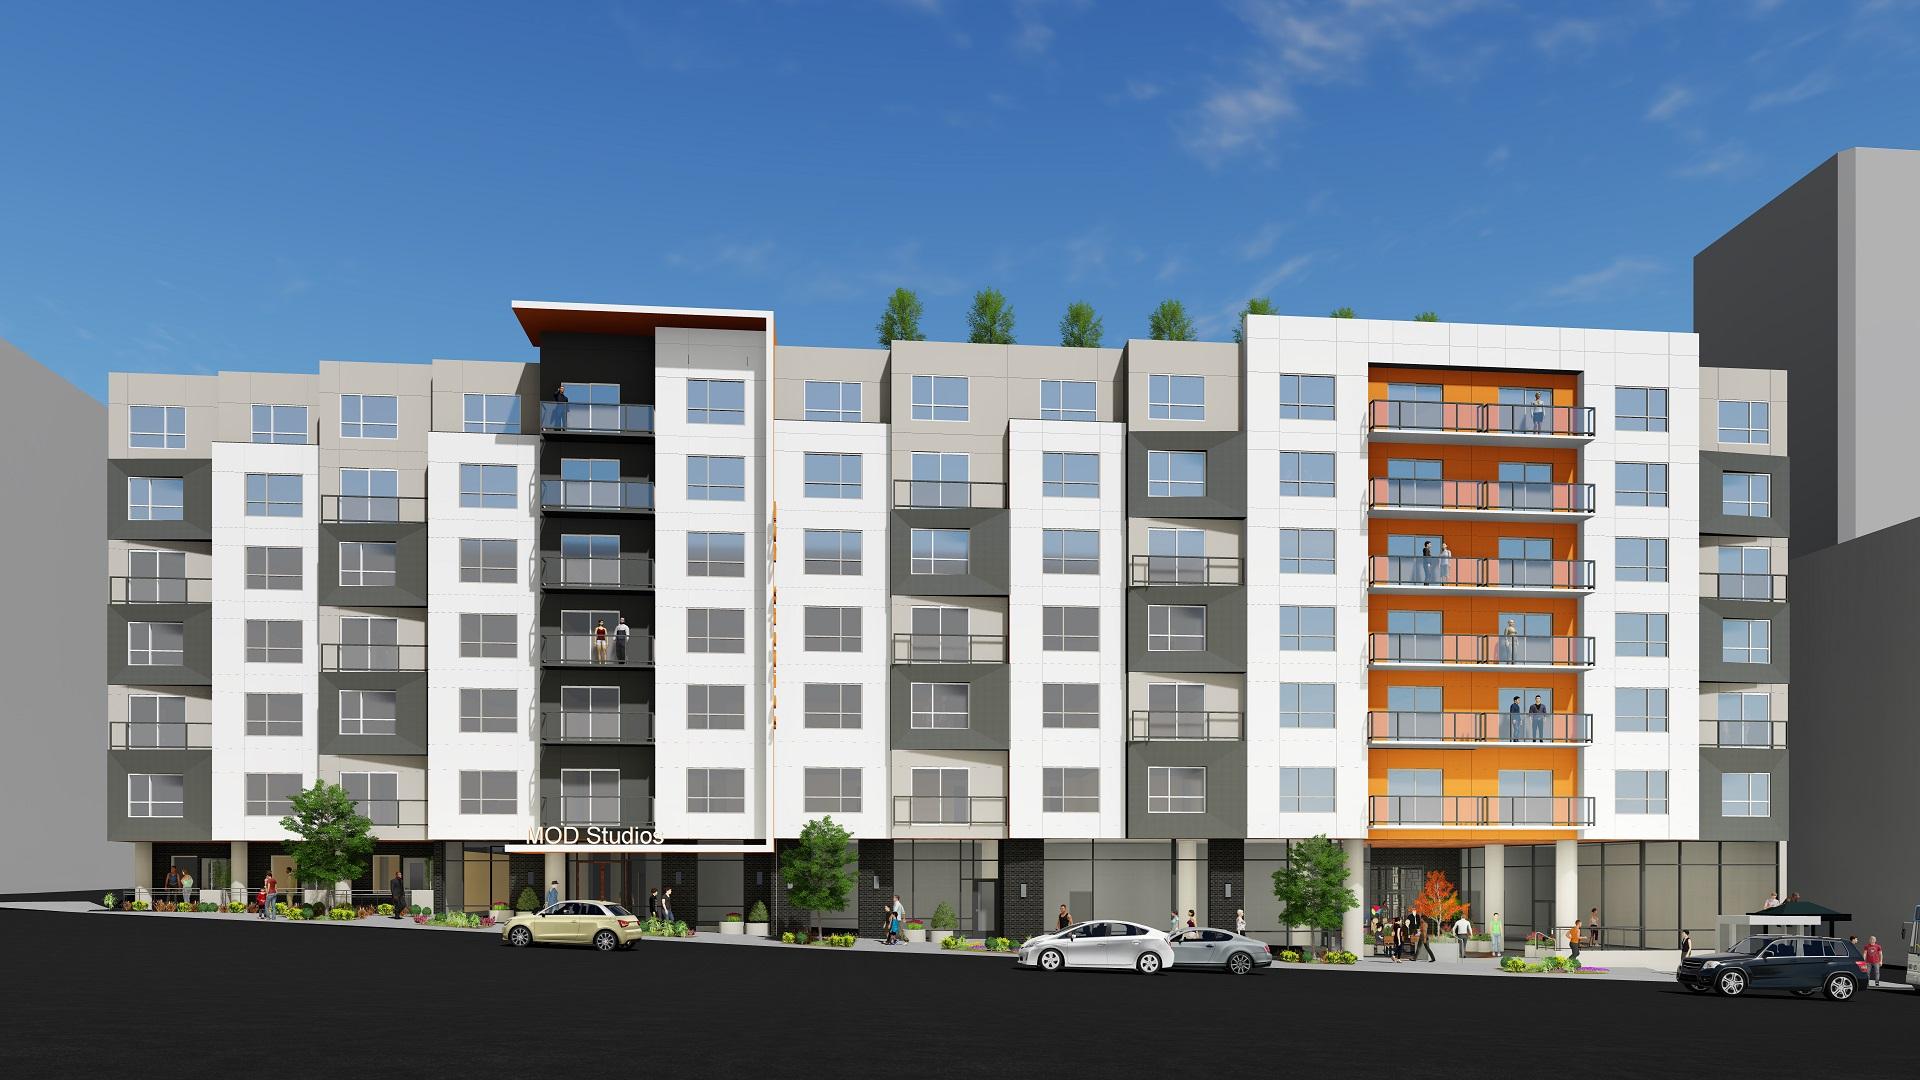 MOD 스튜디오 (유니버시티 디스트릭트), 시애틀   저희 레지던스 인 (Residence Inn) 옆에 위치하고 있는 이 200-유닛 스튜디오는 내부완비가 되어있는 아파트/ 법인 주택이며, 시애틀 내에 증가하고 있는 수요를 충족시켜 줄 것 이며 저희 레지던스 인 (Residence Inn) 을 보완하는 역할을 할 것으로 기대하고 있습니다.